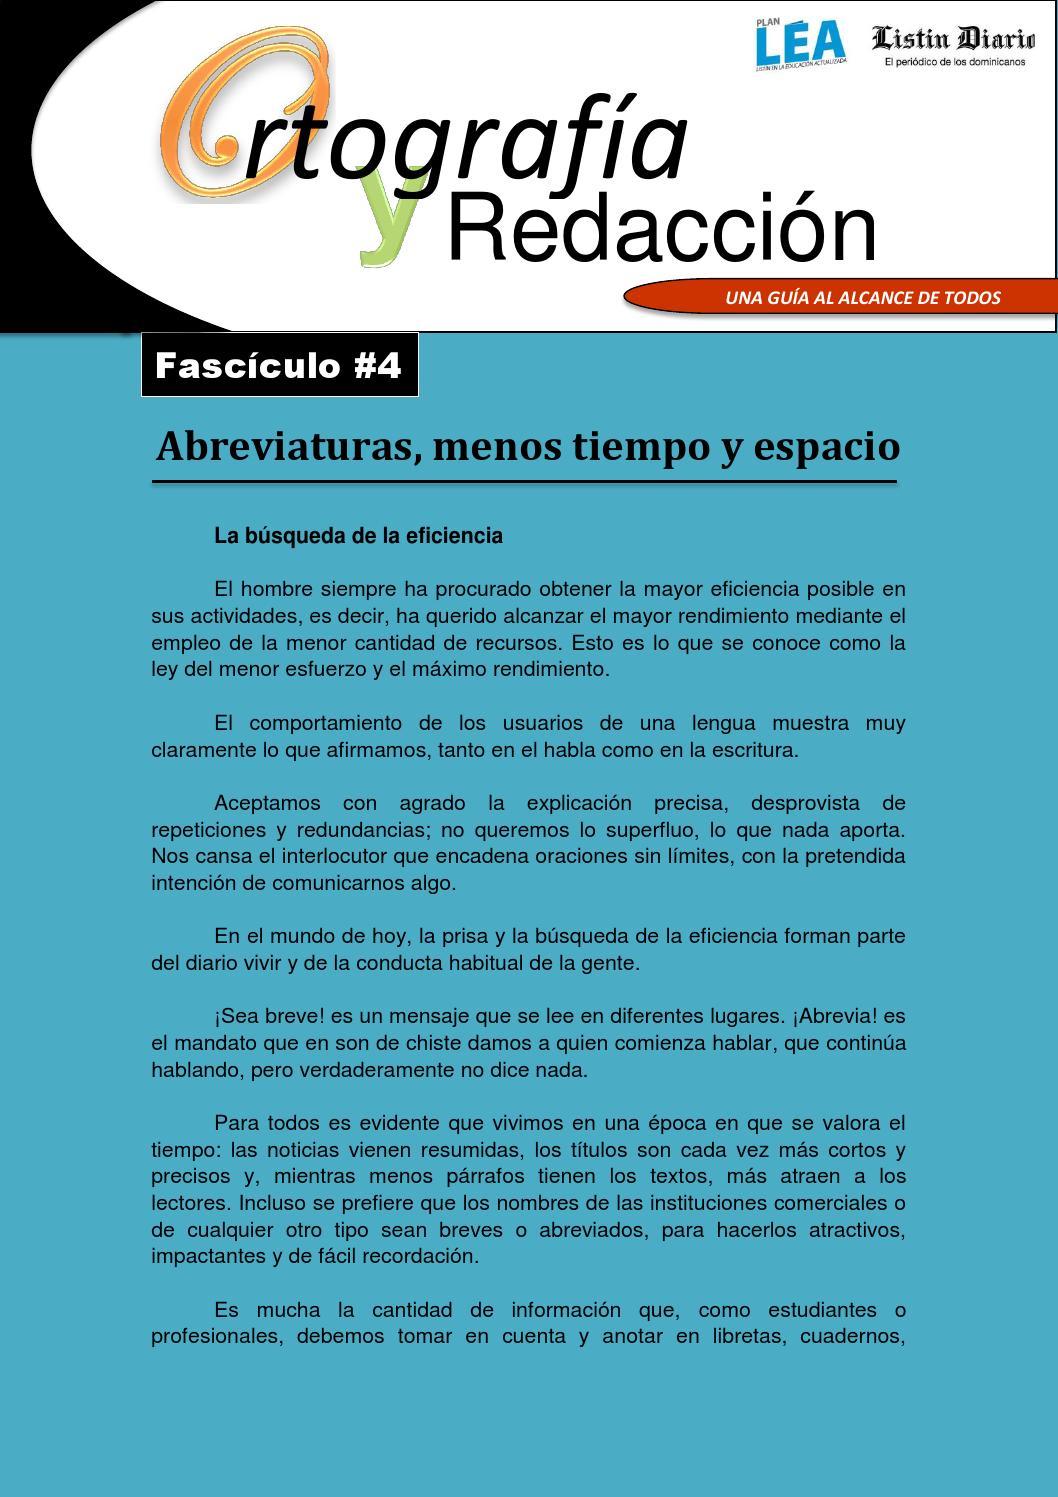 Ortografía y redacción fascículo #4 by Listín Diario - issuu